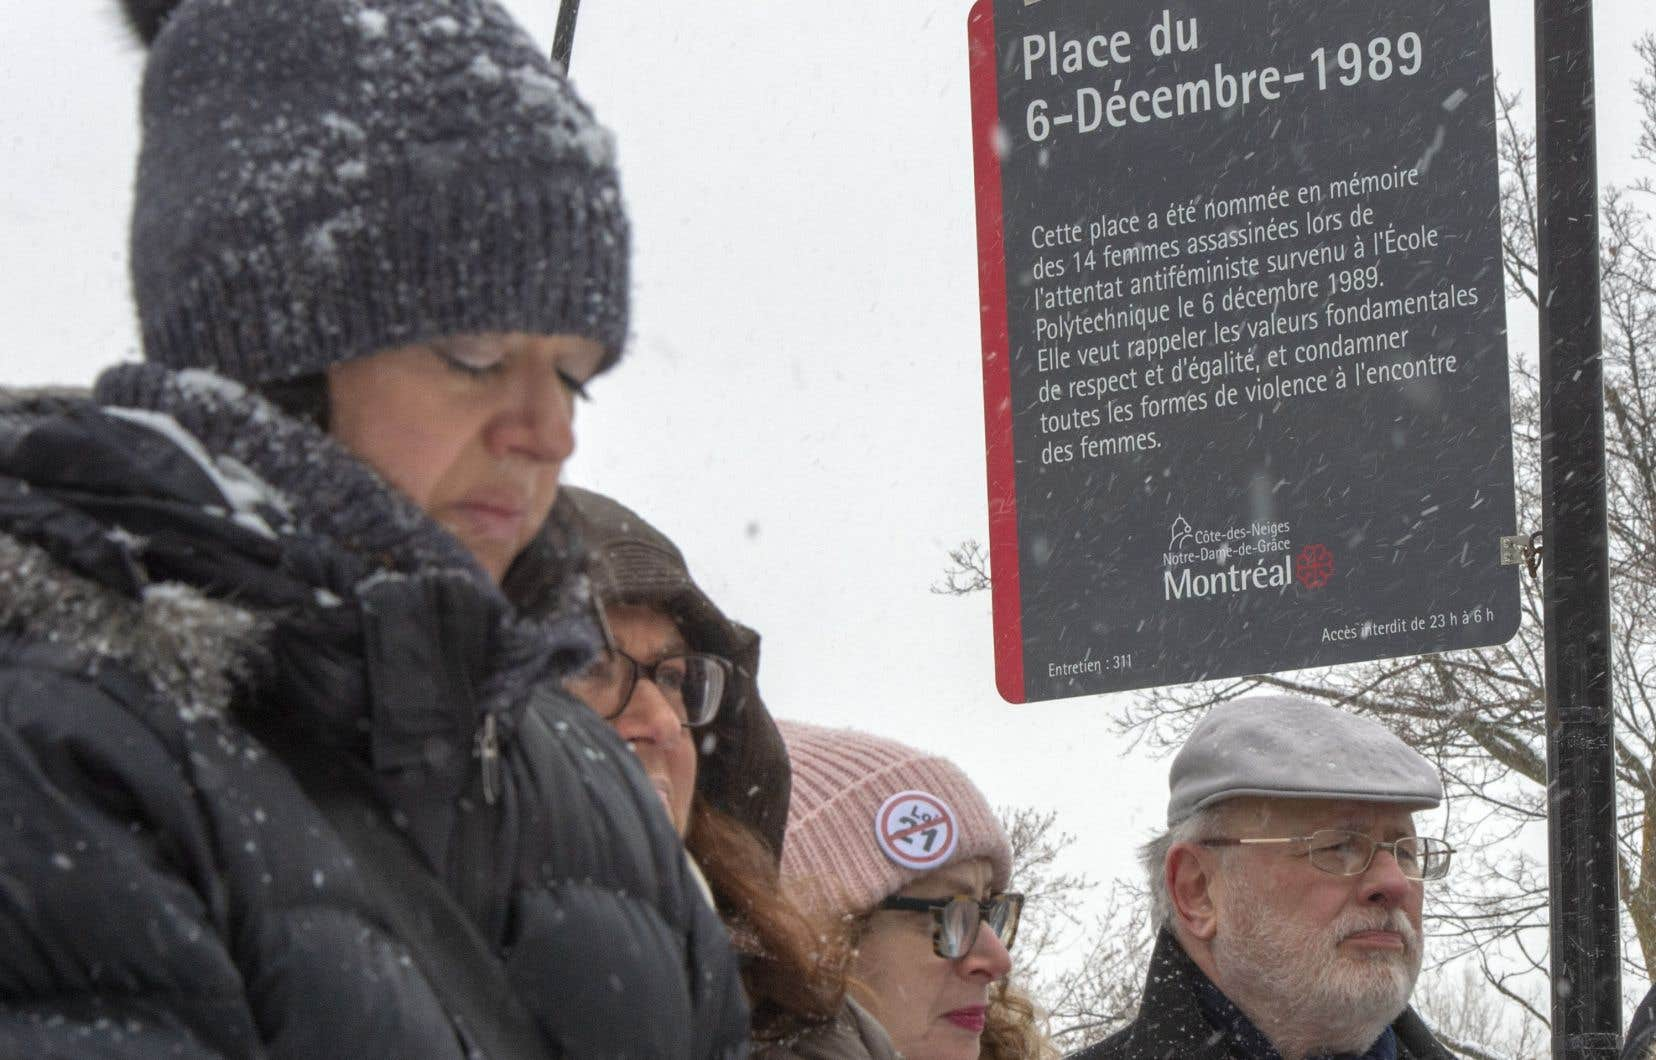 Un nouveau panneau commémorant la mémoire des 14 femmes assassinées a été inauguré jeudi à la place du 6-Décembre-1989, à Montréal.